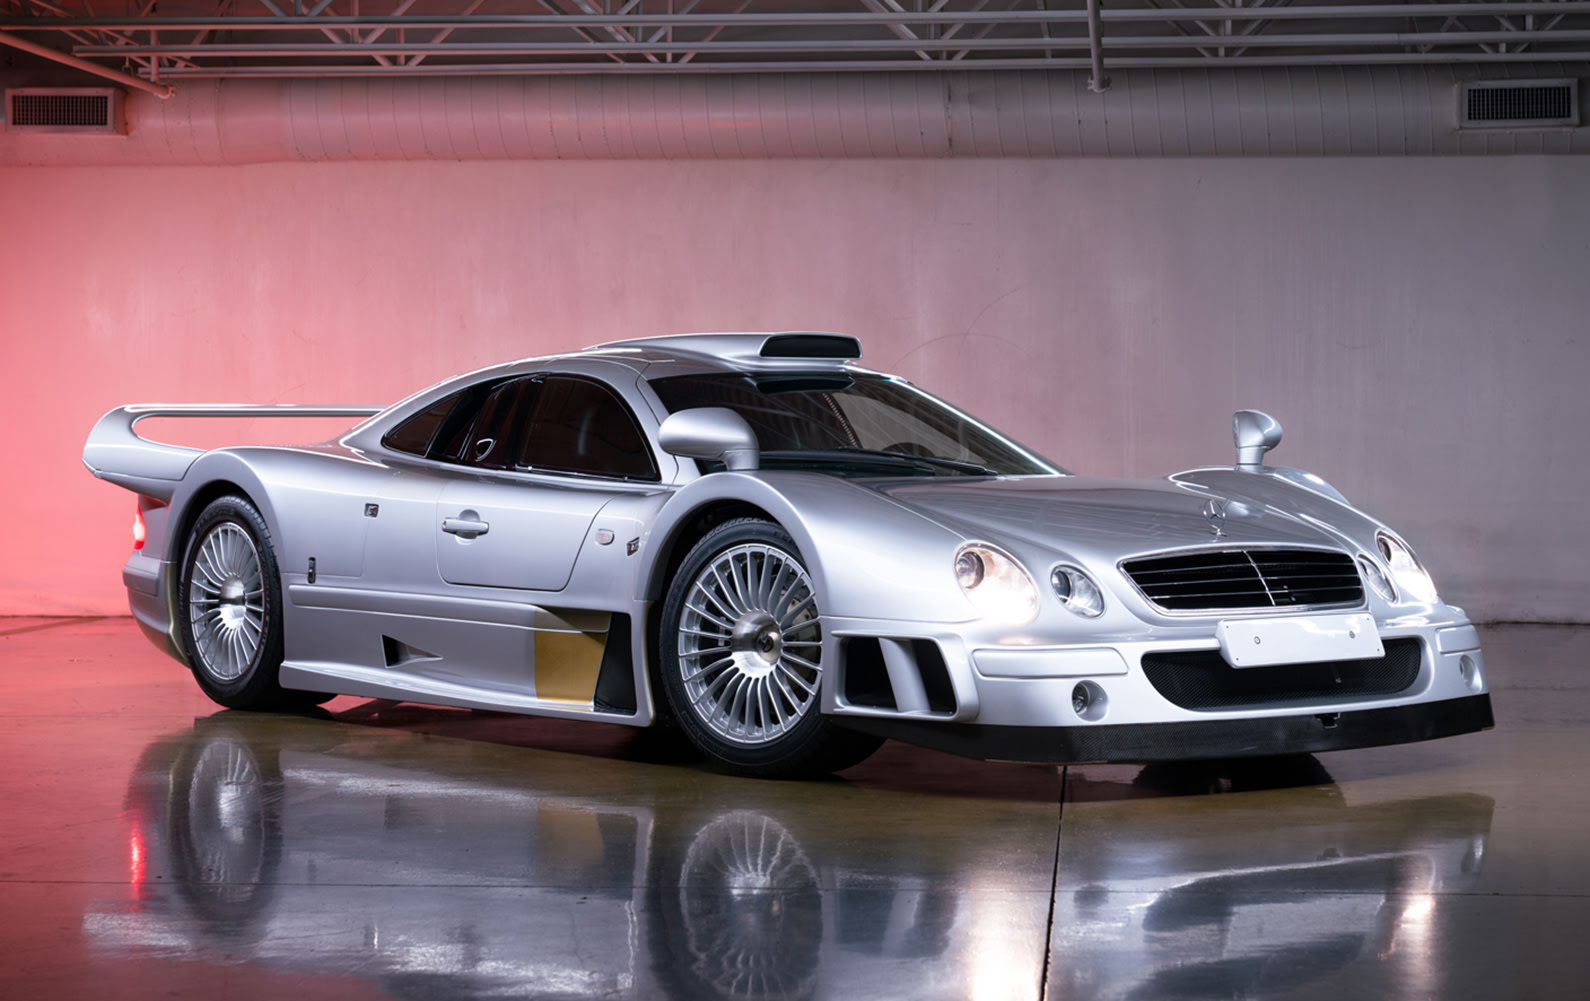 1998 Mercedes-Benz AMG CLK GTR Strassenversion